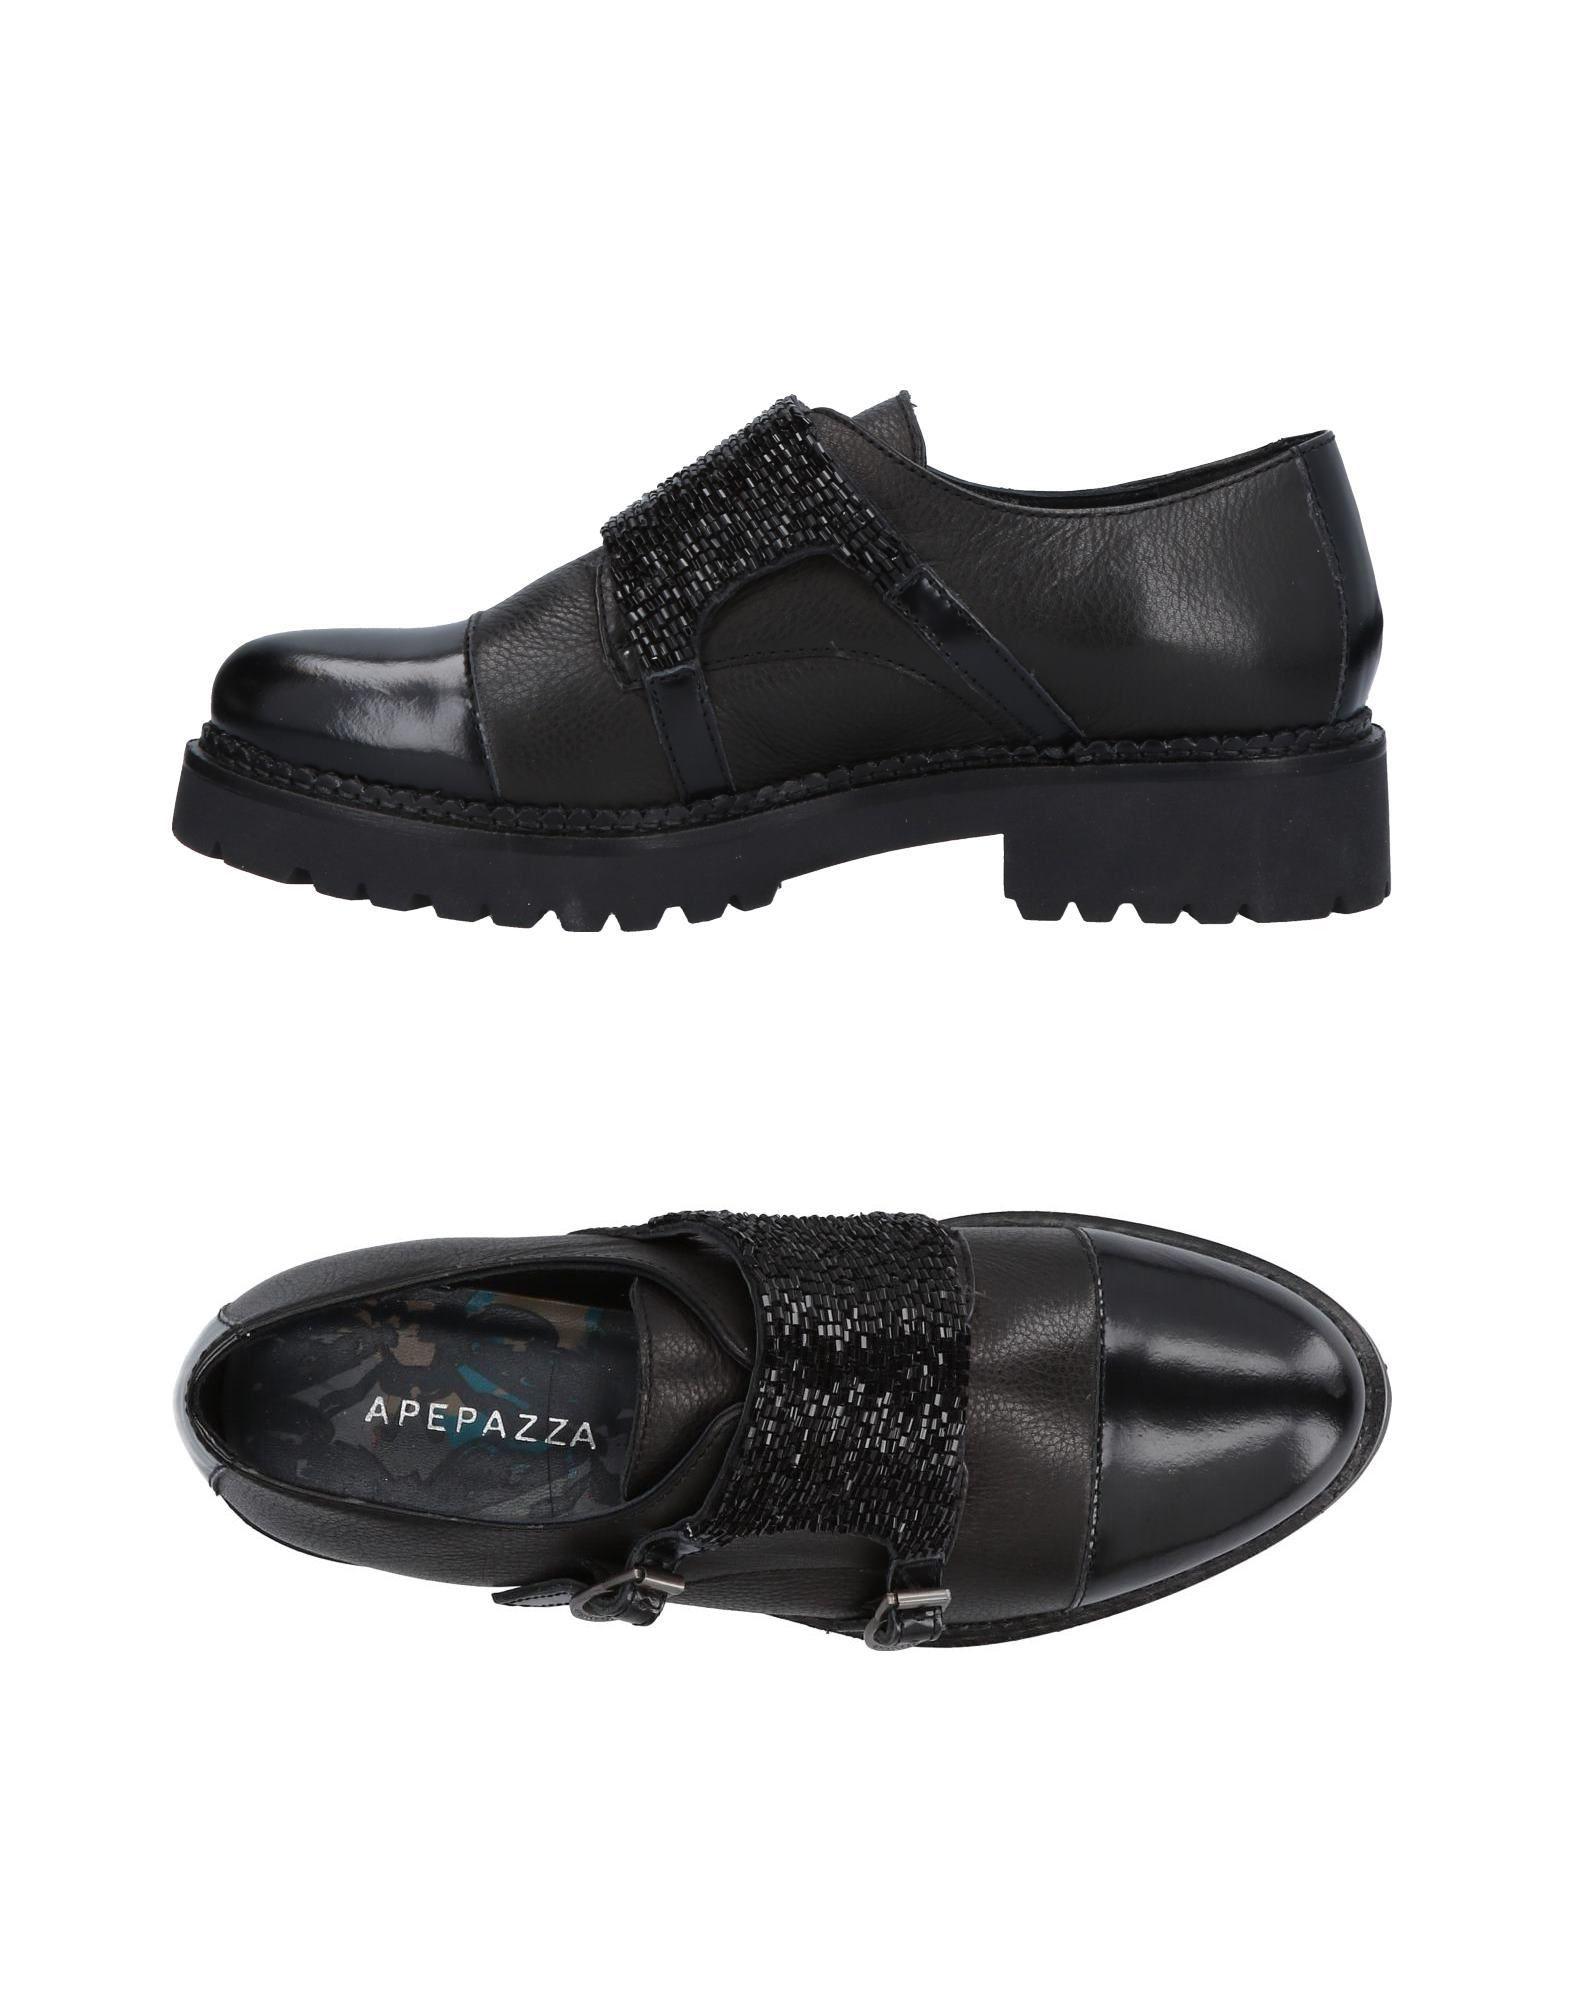 Apepazza Mokassins Damen beliebte  11467826VK Gute Qualität beliebte Damen Schuhe b8cfca